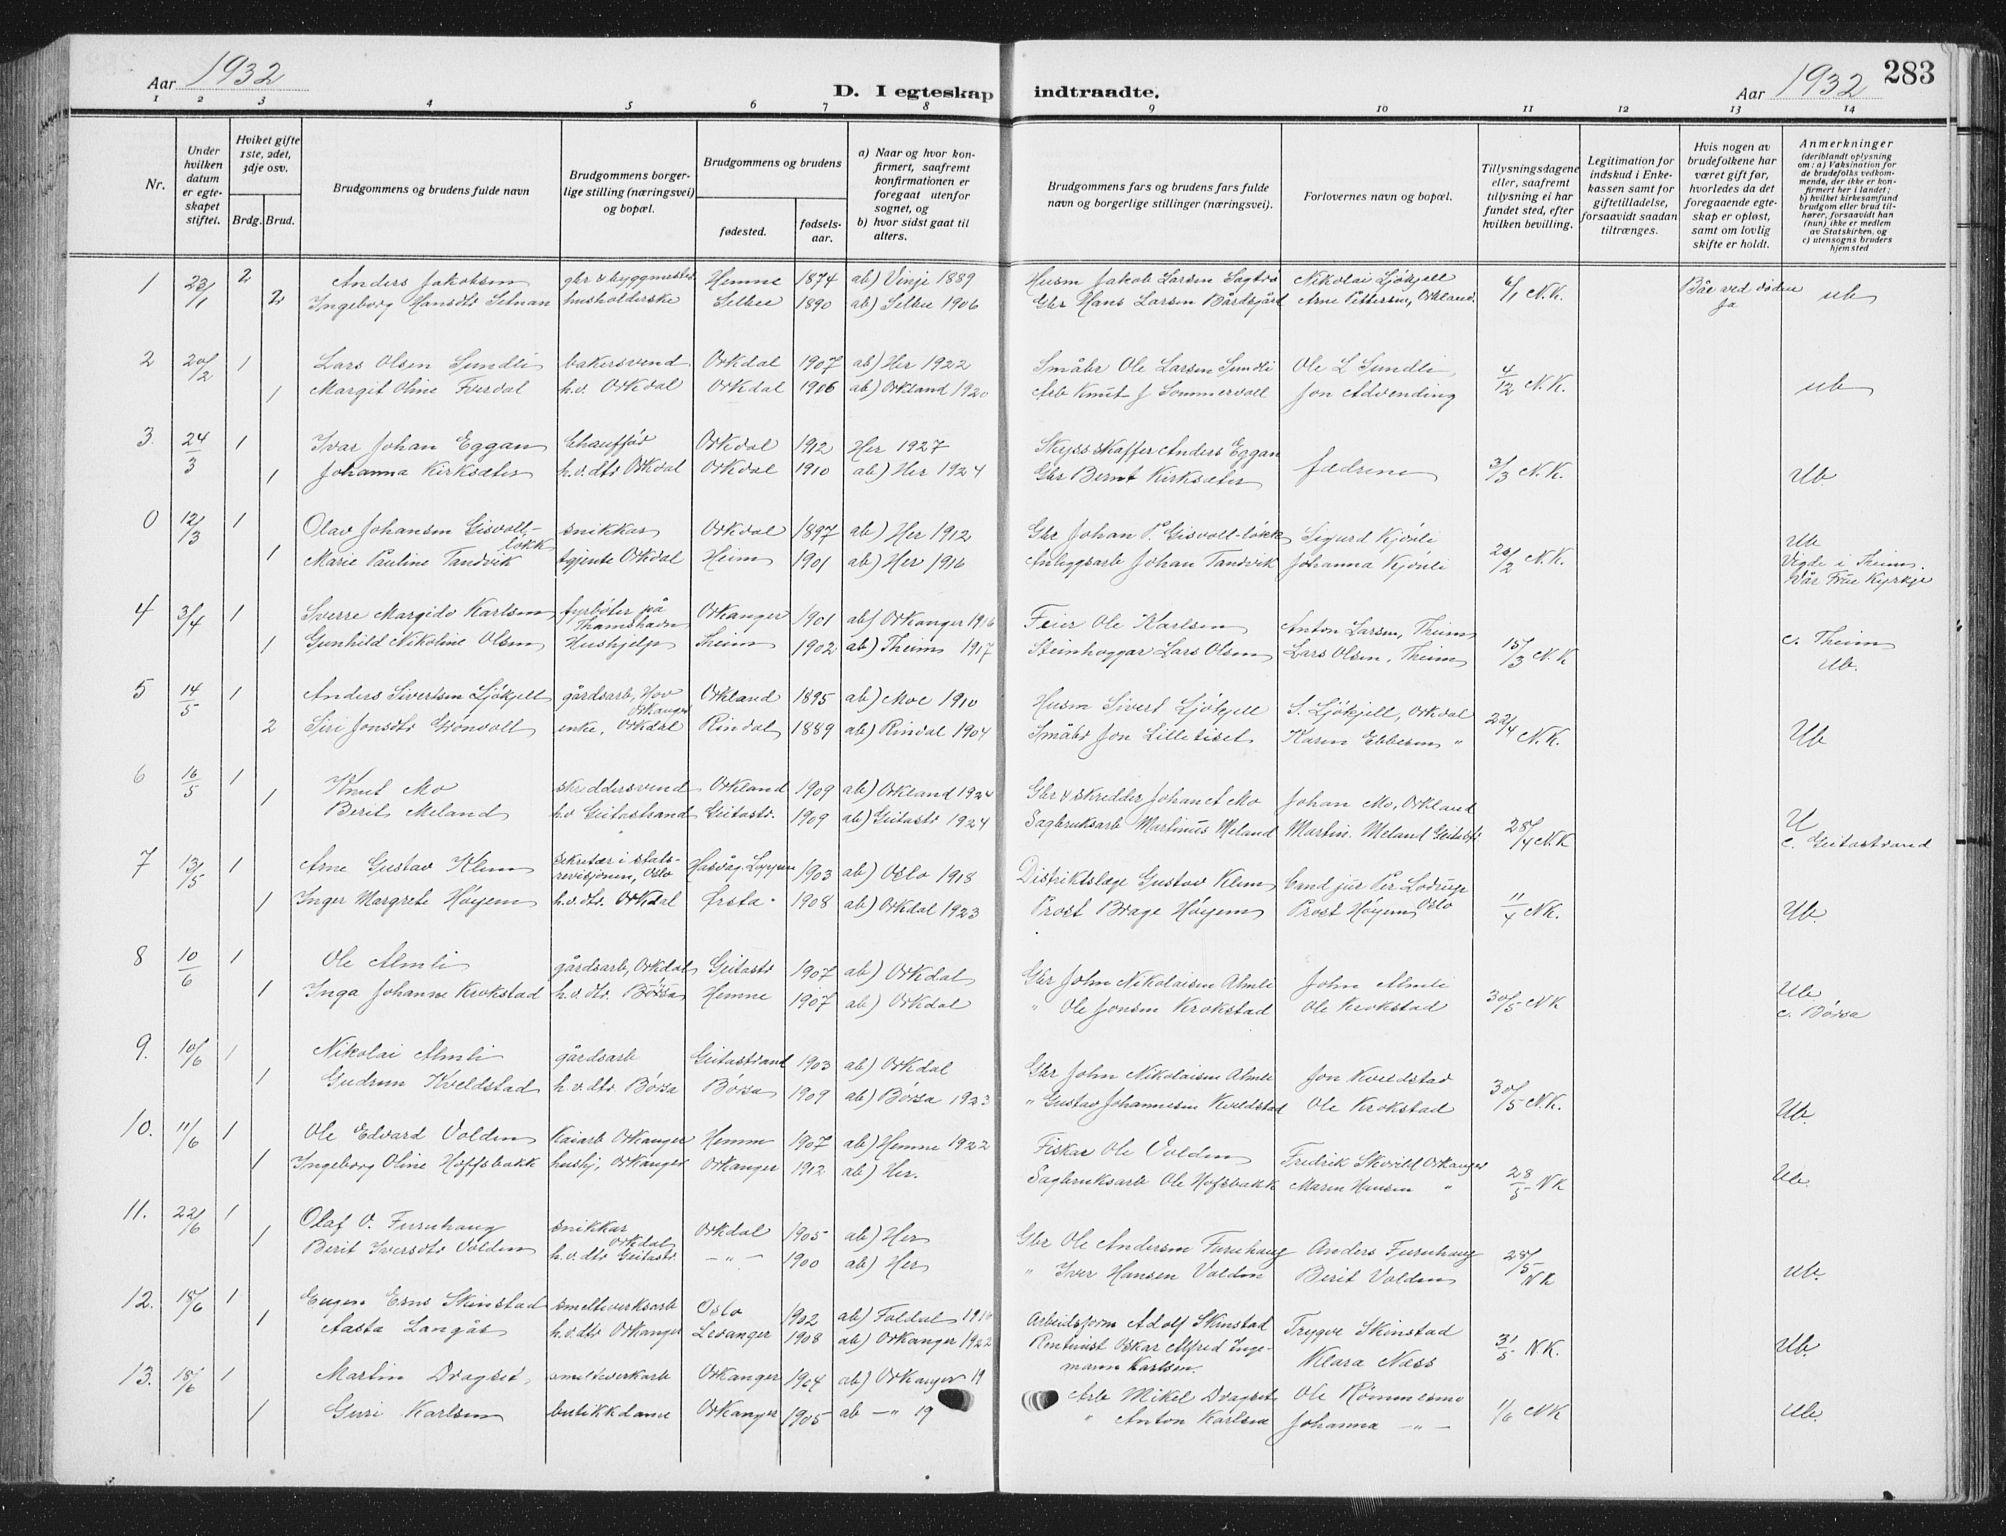 SAT, Ministerialprotokoller, klokkerbøker og fødselsregistre - Sør-Trøndelag, 668/L0820: Klokkerbok nr. 668C09, 1912-1936, s. 283